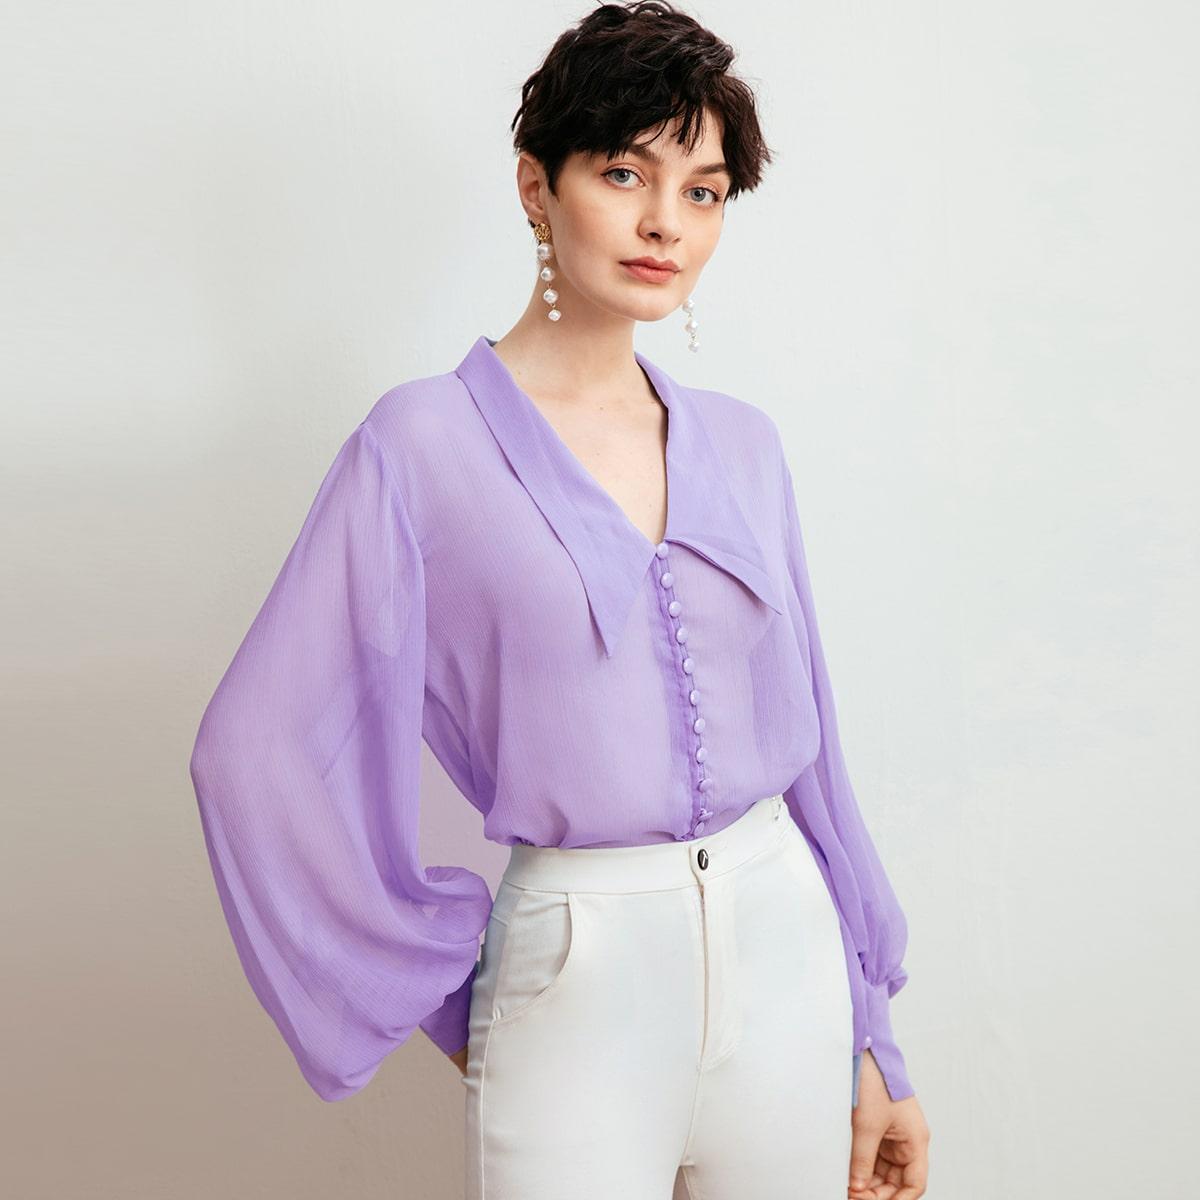 Полупрозрачная блуза с оригинальным рукавом и пуговицами фото